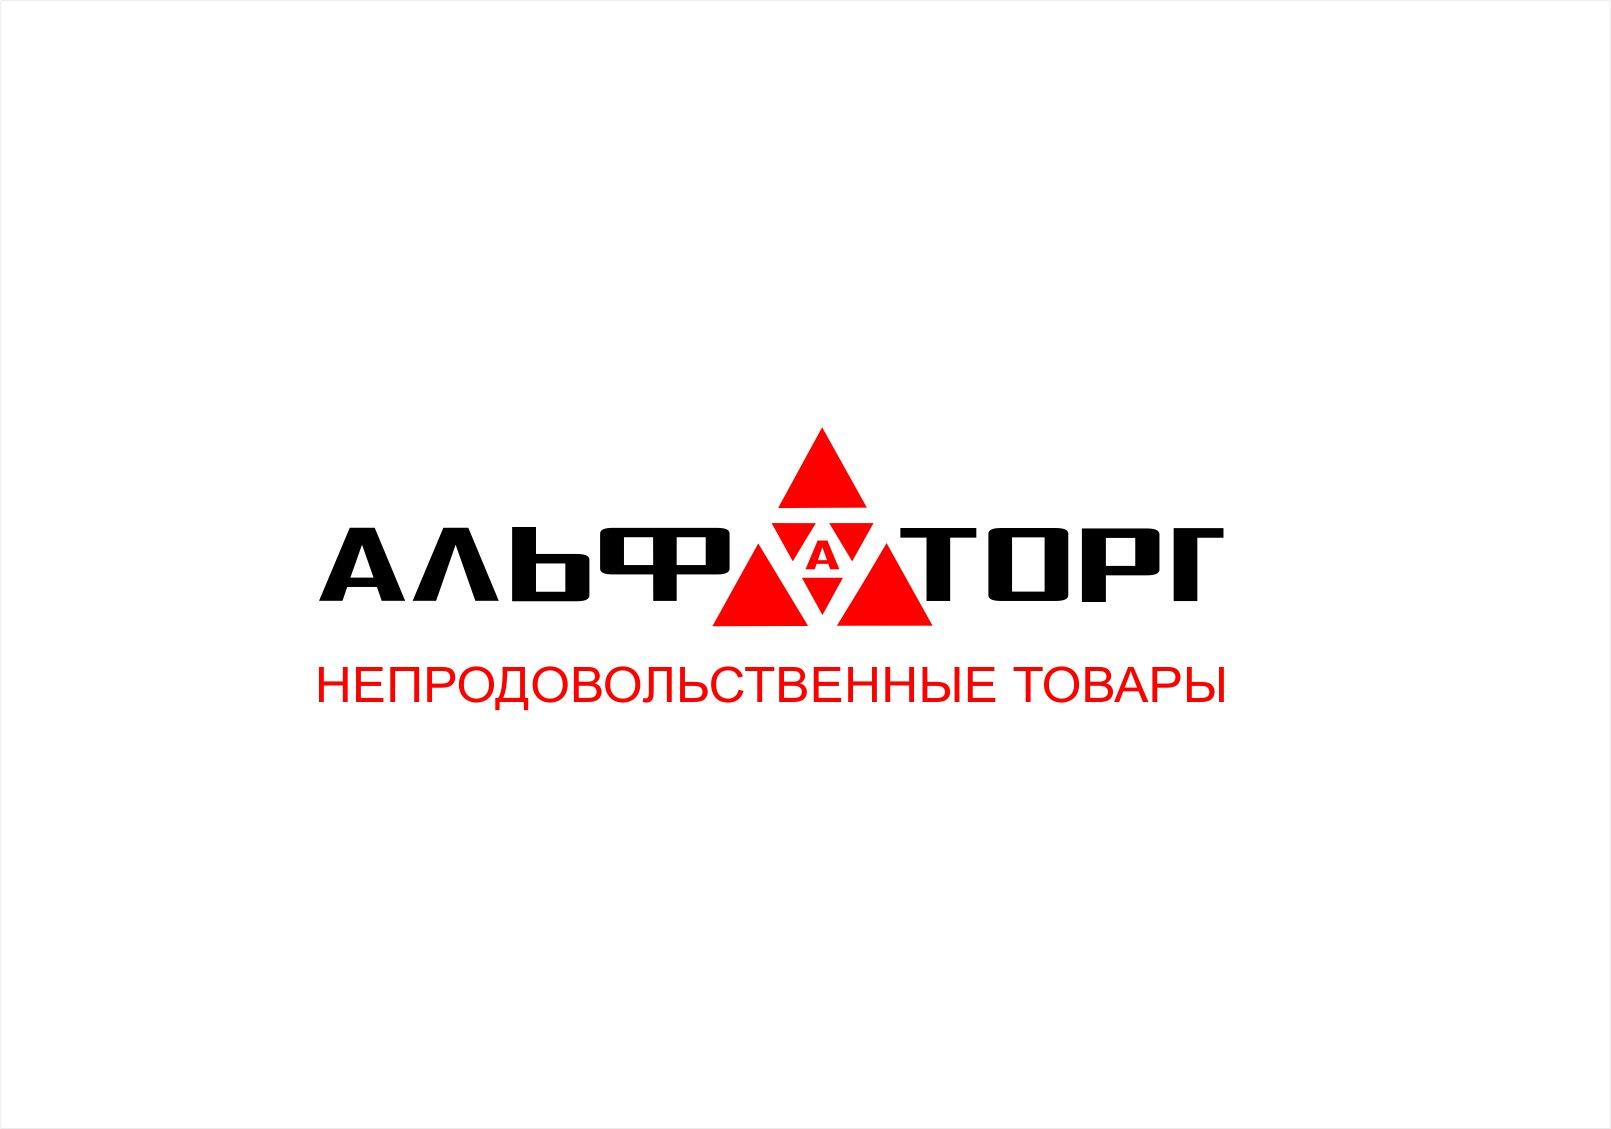 Логотип и фирменный стиль фото f_3015f09e1ab276a2.jpg